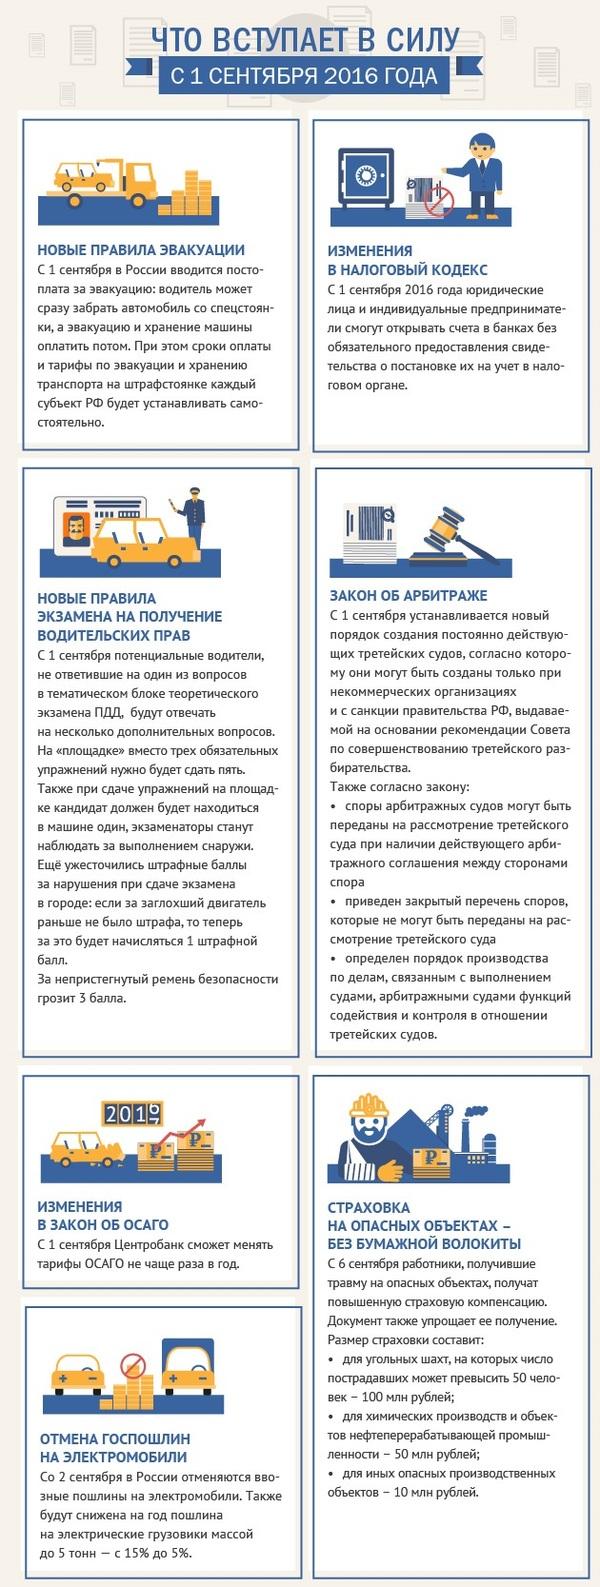 Что вступает в силу 1 сентября Инфографика, 1 сентября, Политика, Закон, Длиннопост